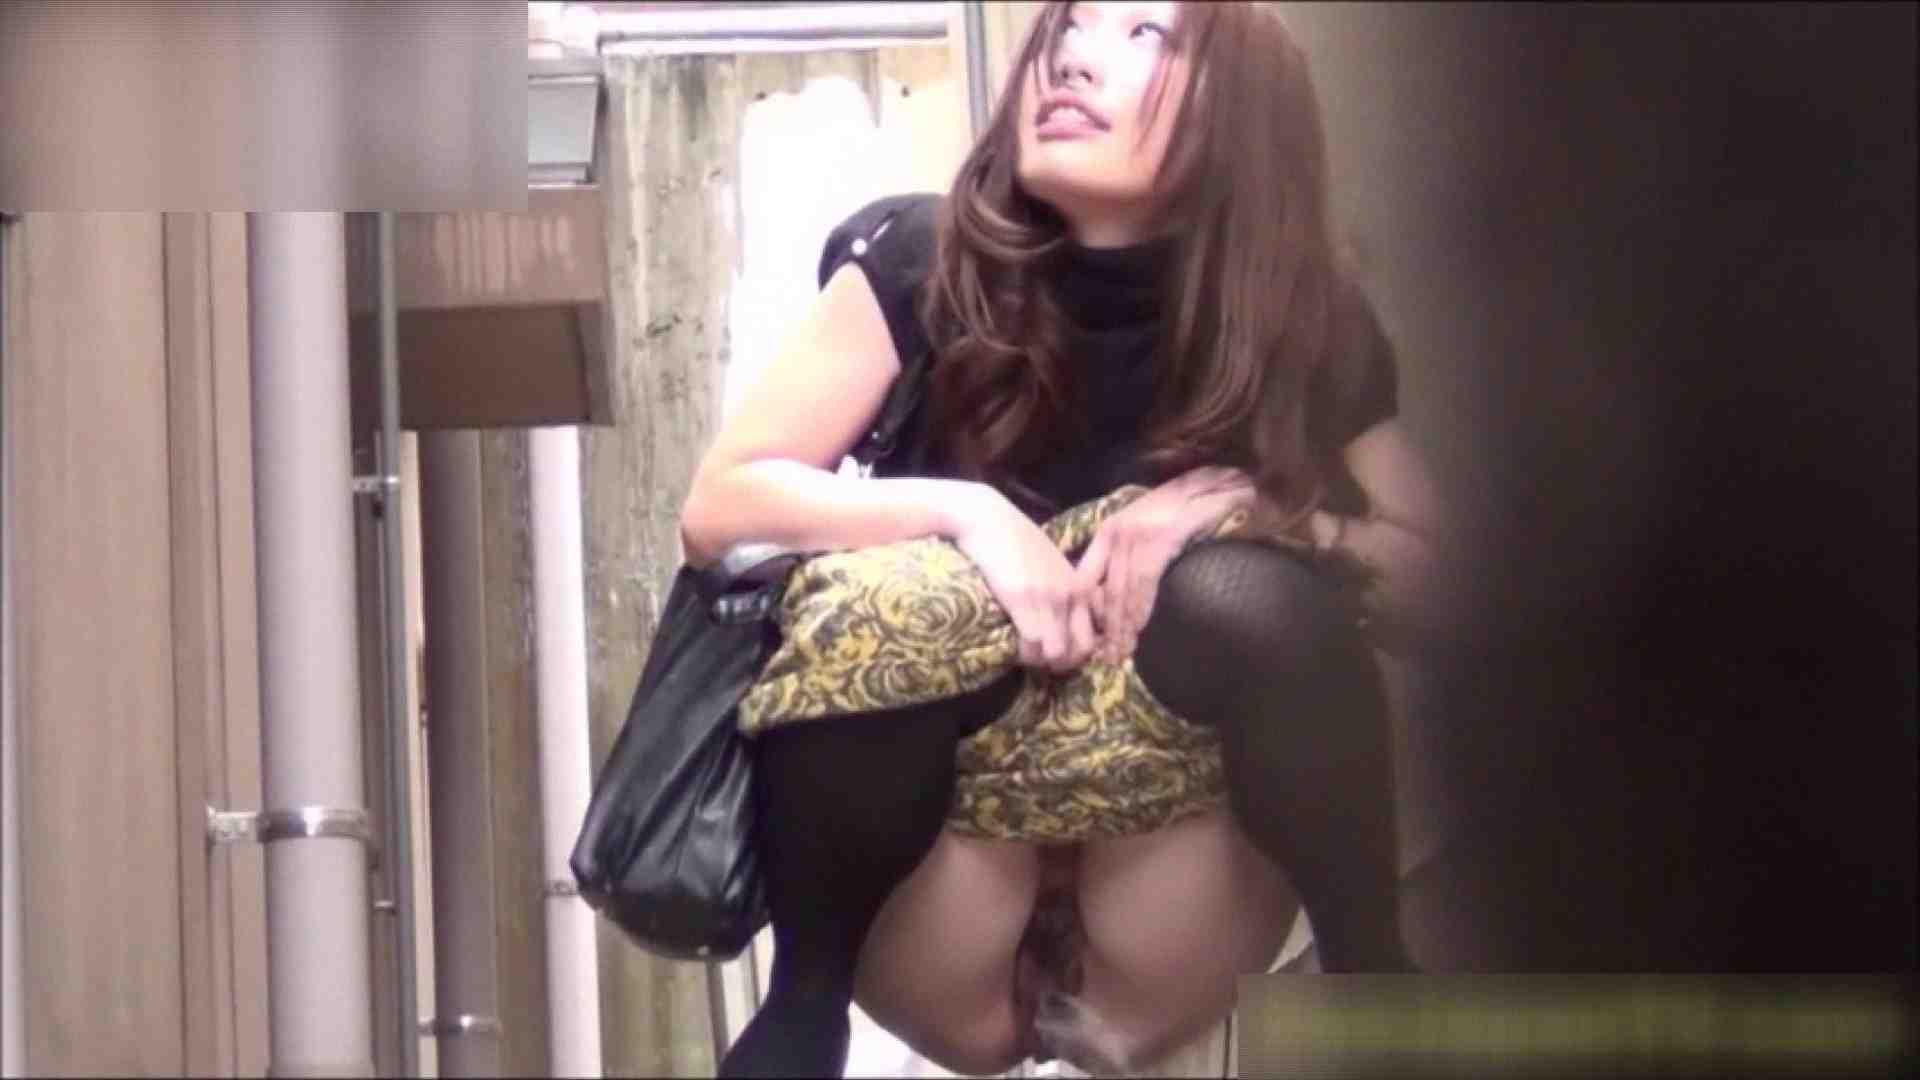 洗面所盗撮~隣の美人お姉さんVol.10 ギャルのエロ動画 AV無料動画キャプチャ 63画像 53